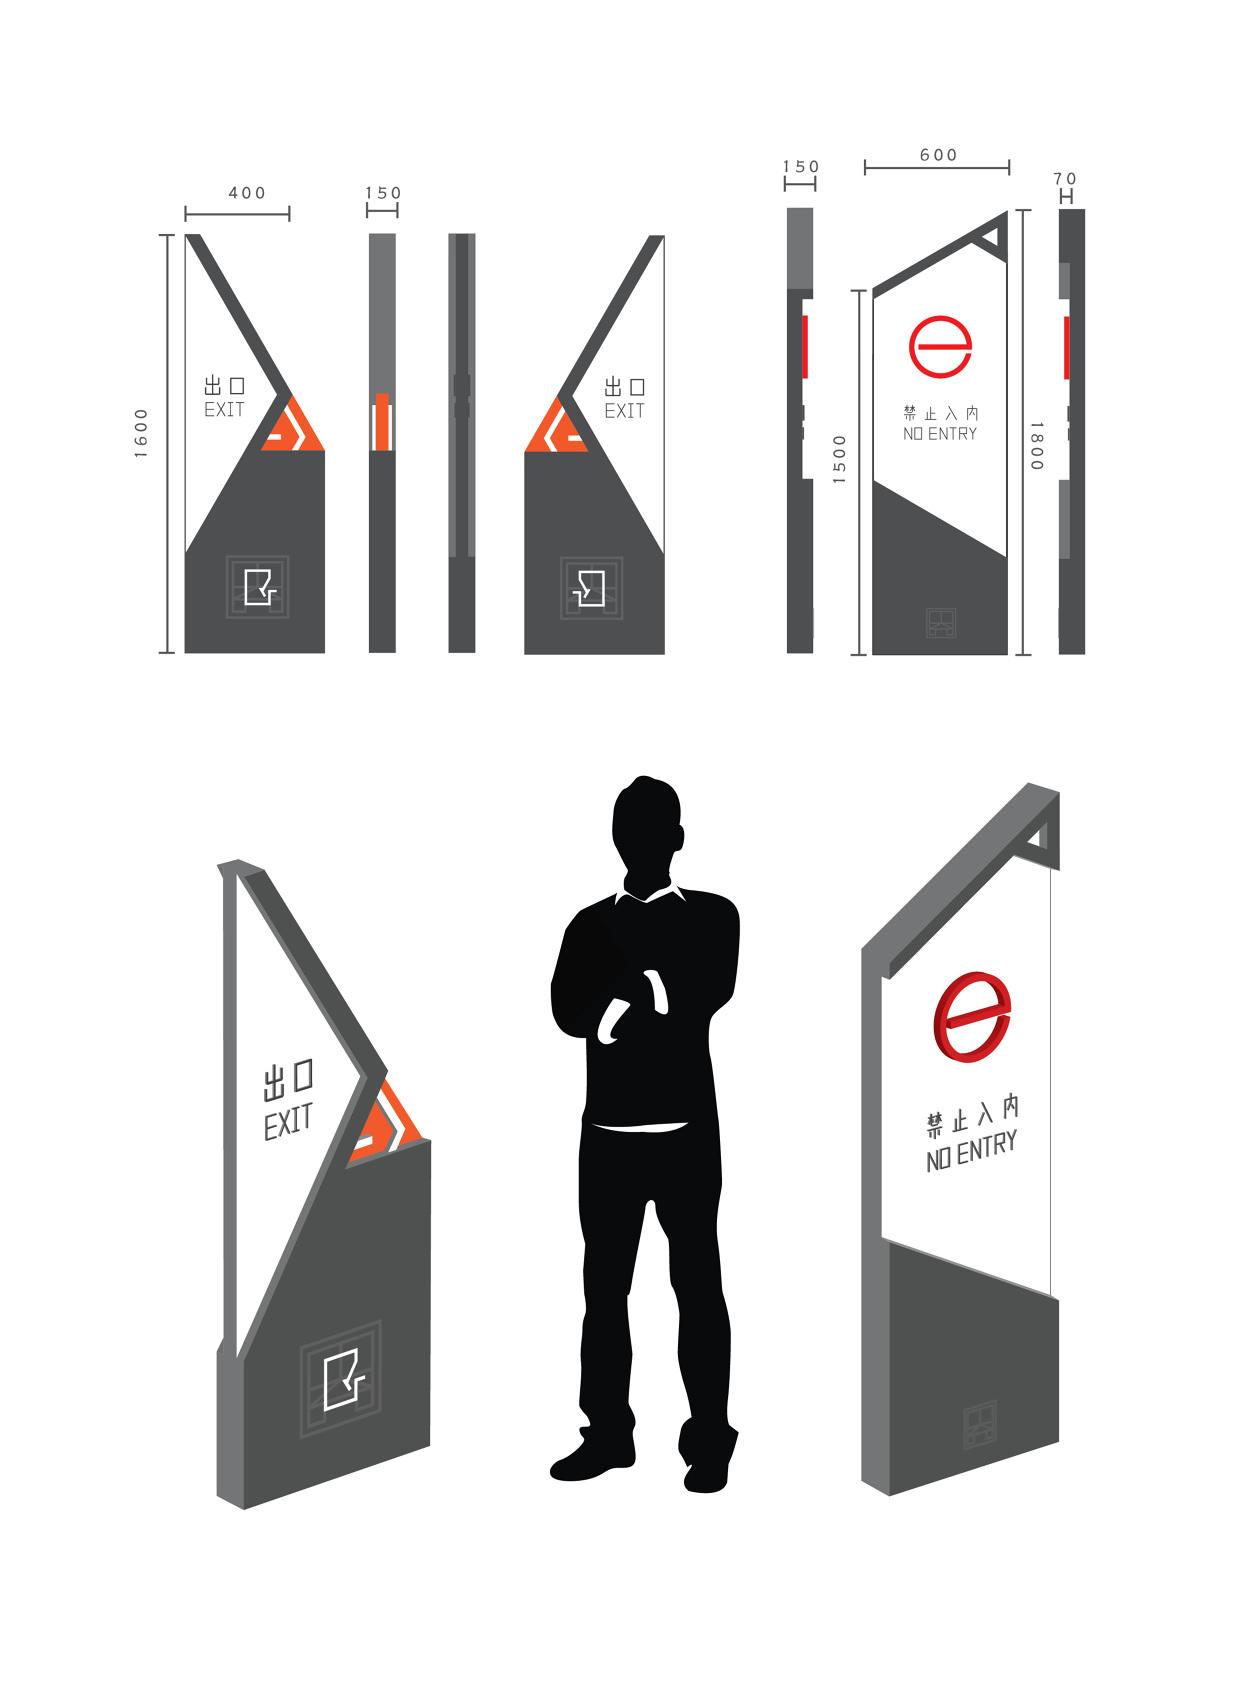 Suzhou Museum Signage System